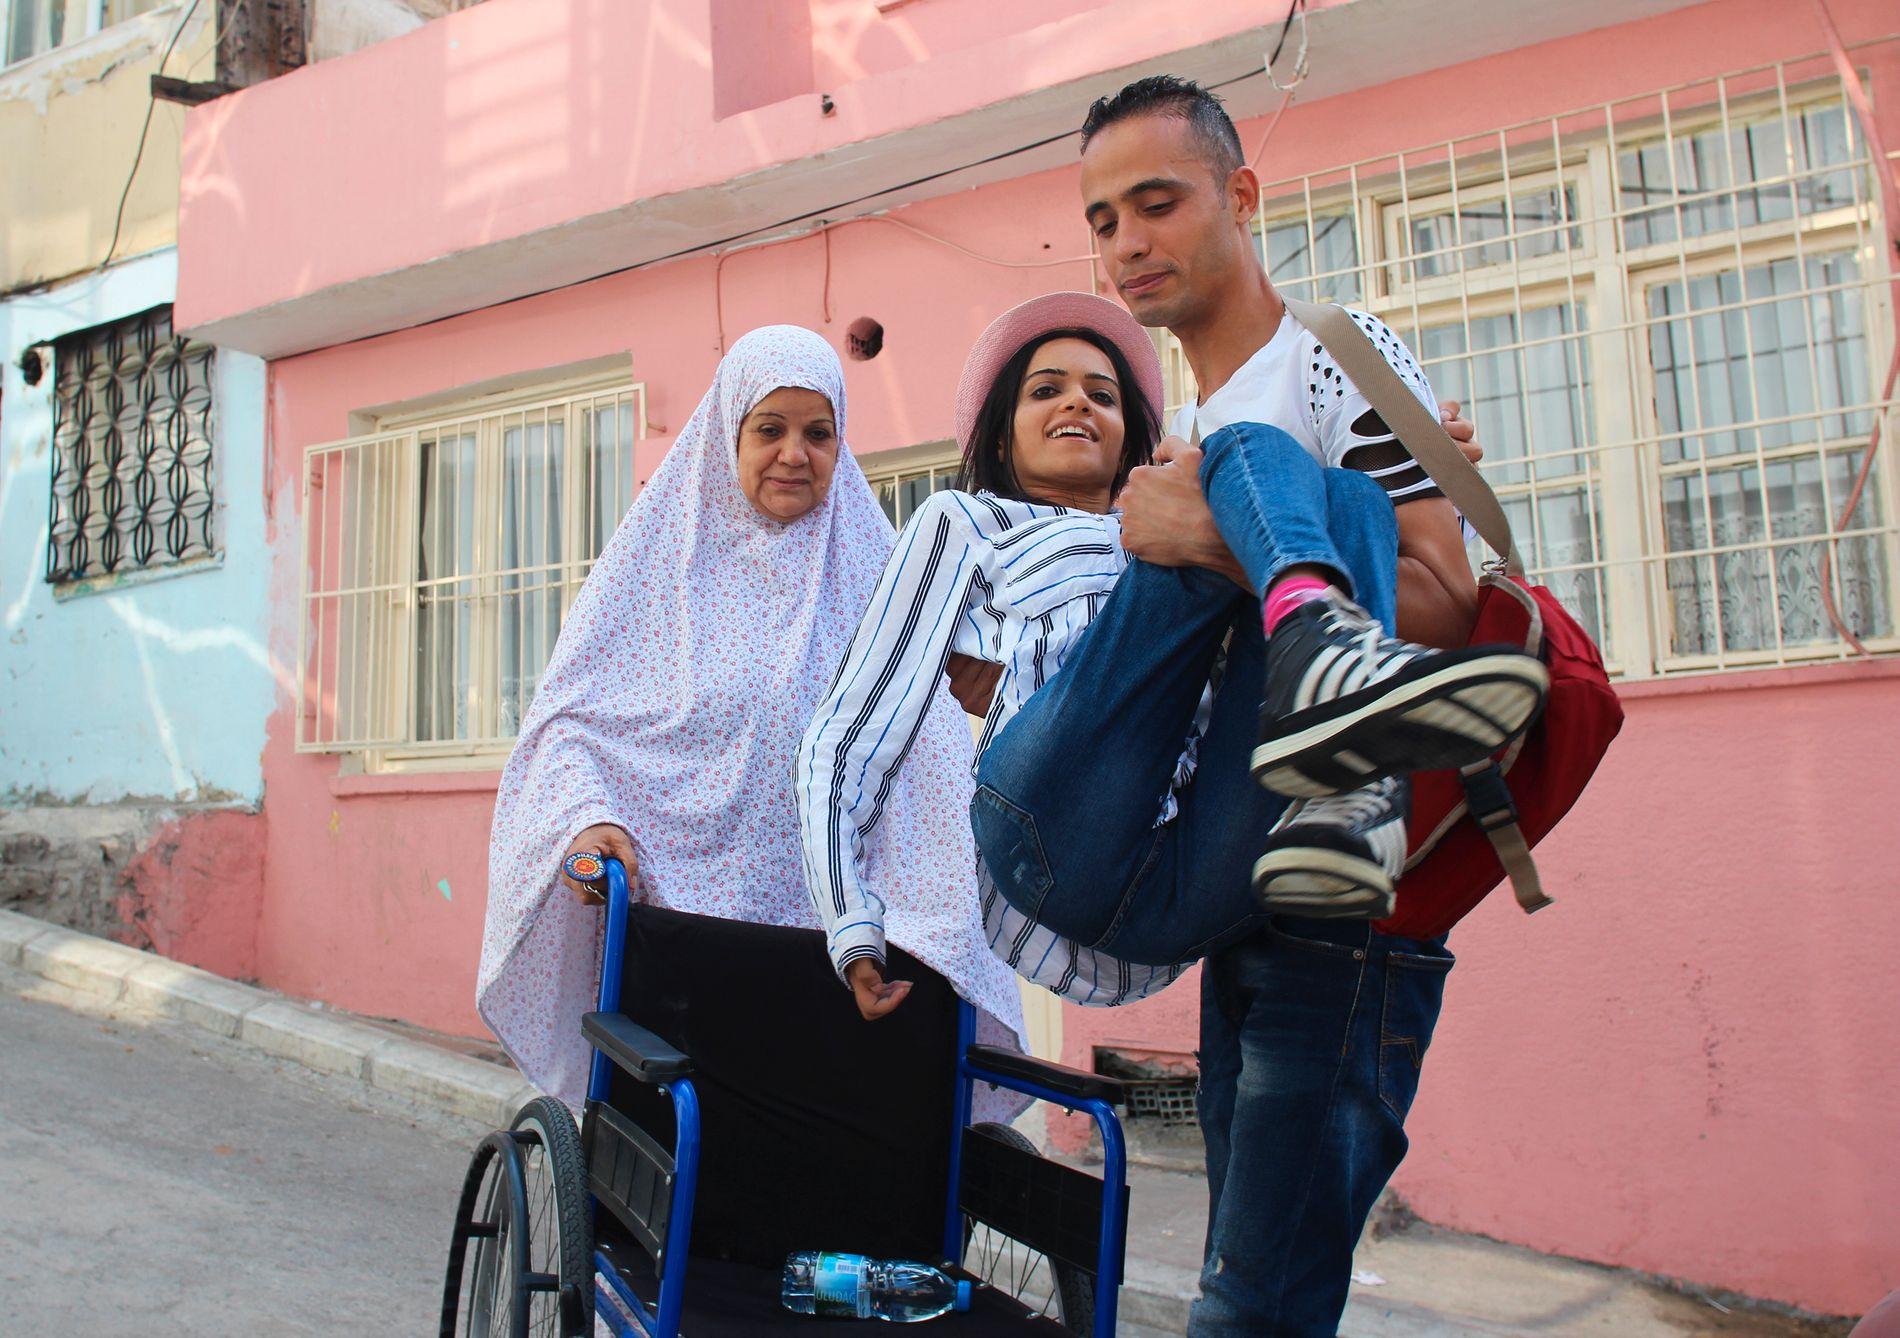 BÆRES INN: Ahmad og moren hjelper Noor inn etter en lang dag. Hun er den eneste i familien som har klart å skaffe seg jobb i Tyrkia.